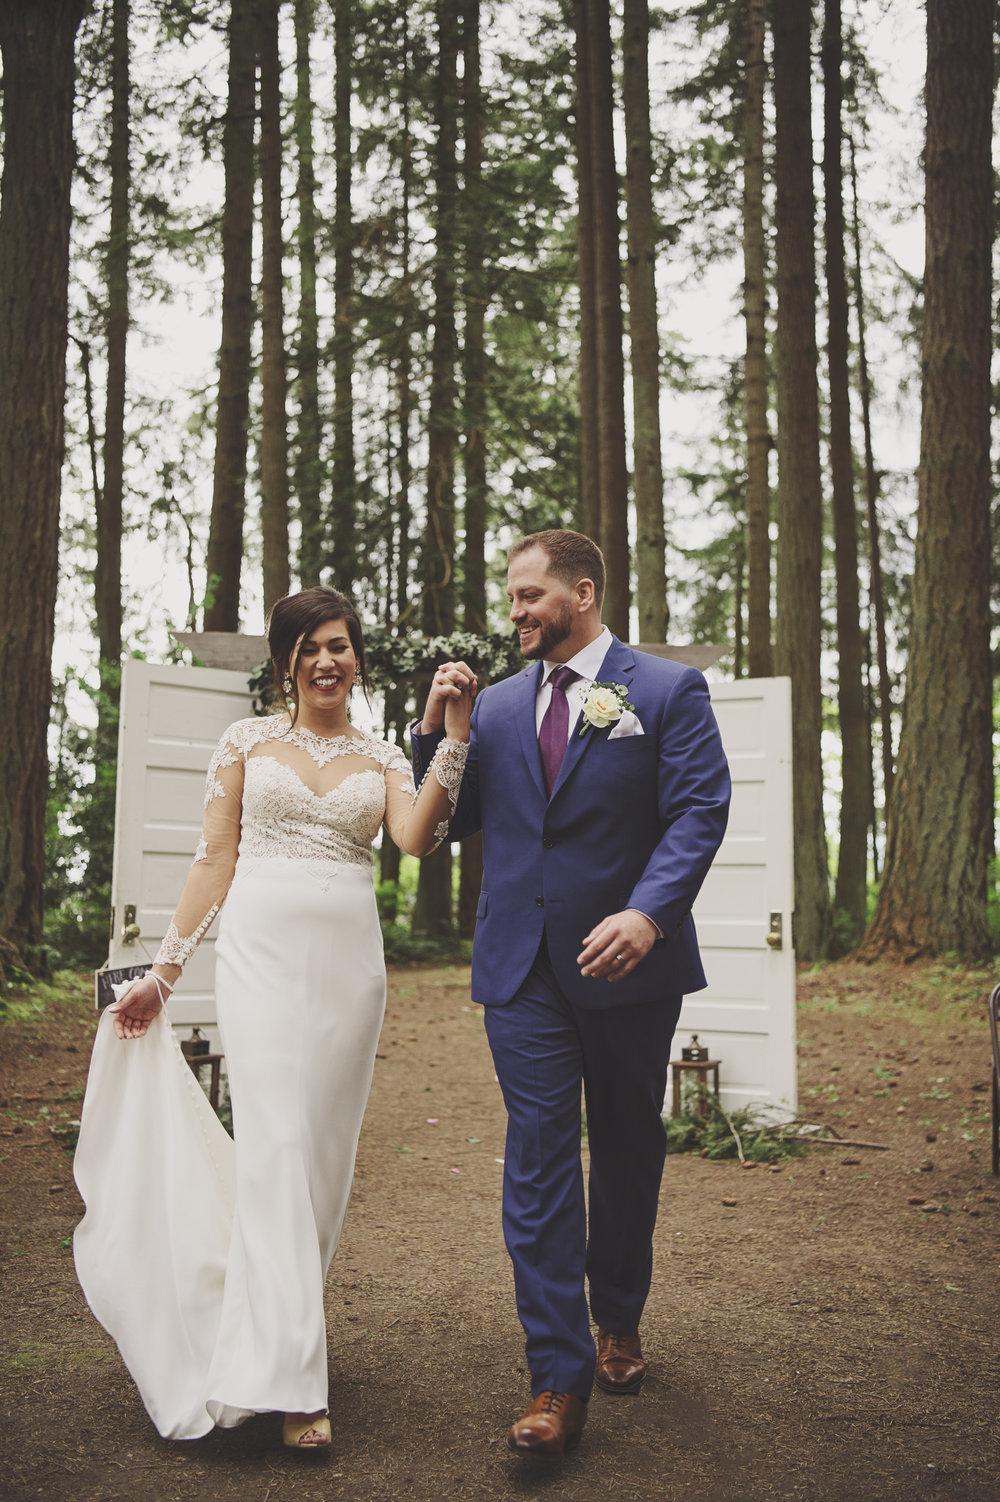 Kim La Plante + Nick Samet_Poulsbo Wedding_Kitsap Memorial Park Wedding_Kelsey Lane Photography-9692 copy.jpg